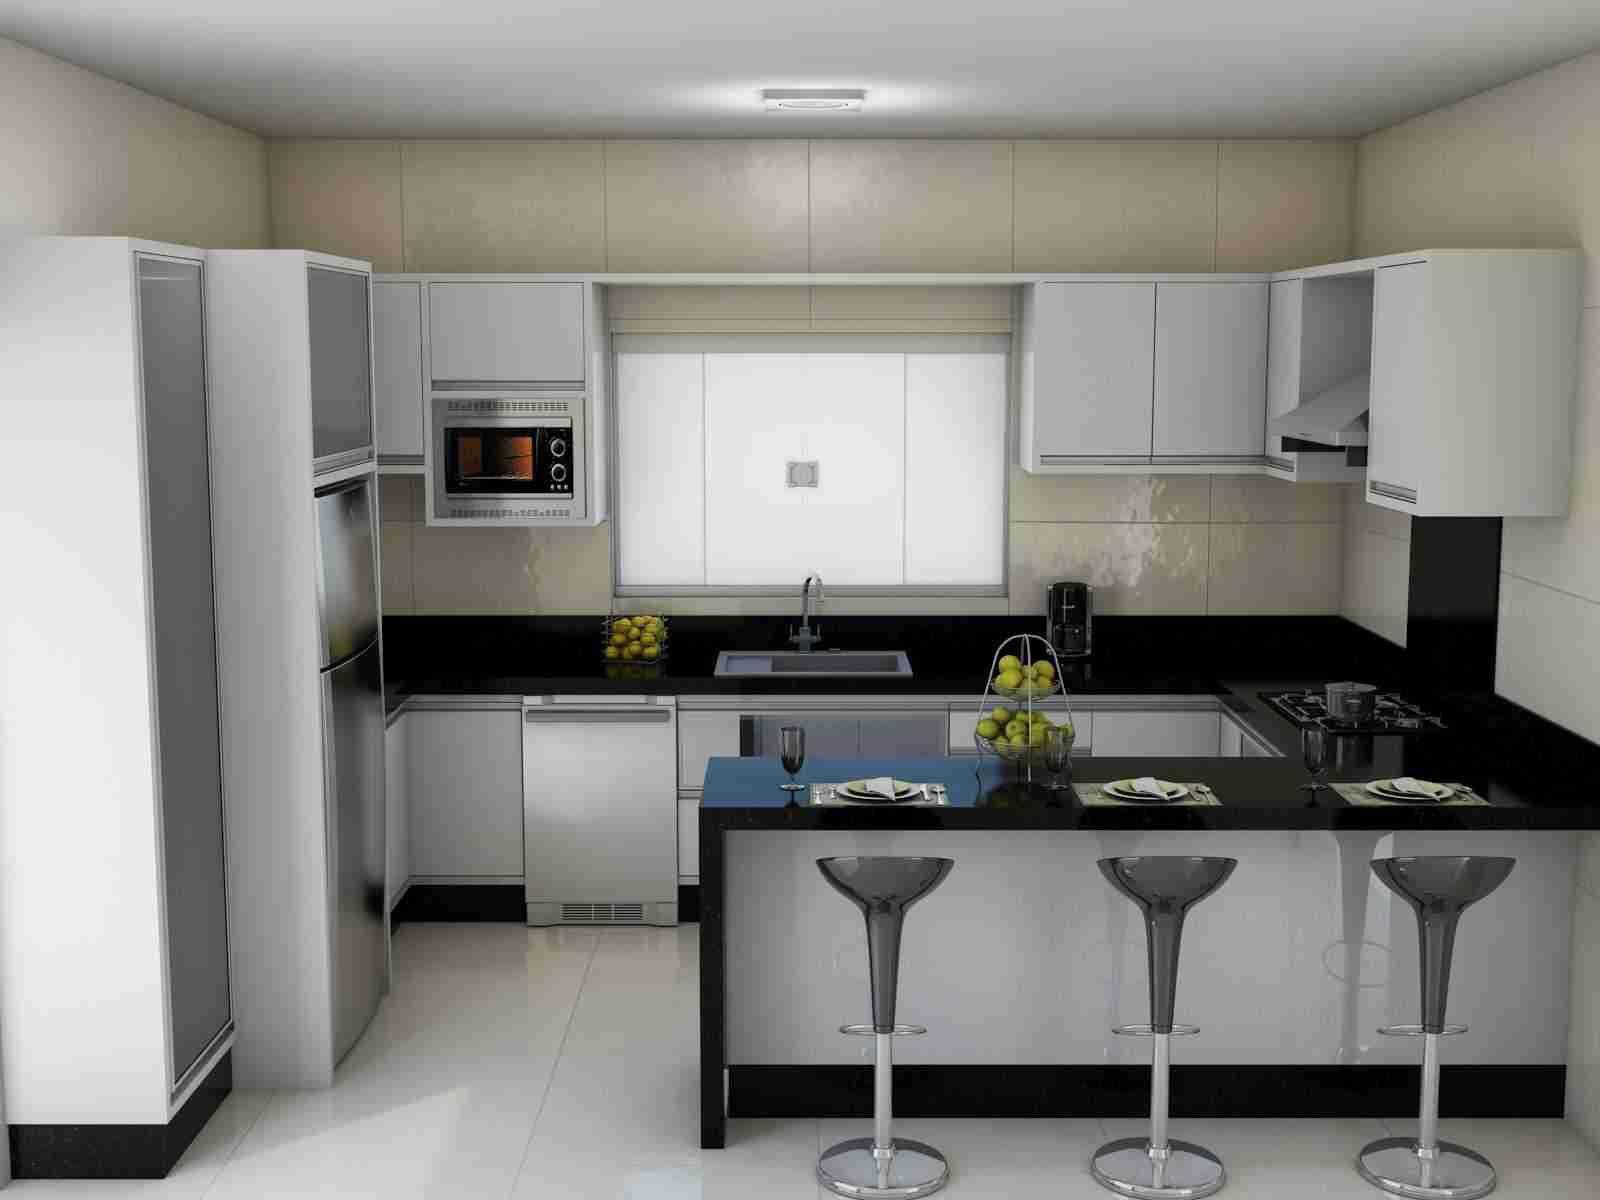 47d99bb6b49fccec5b54b99681001435.jpg (1600×1200) | kitchen ...